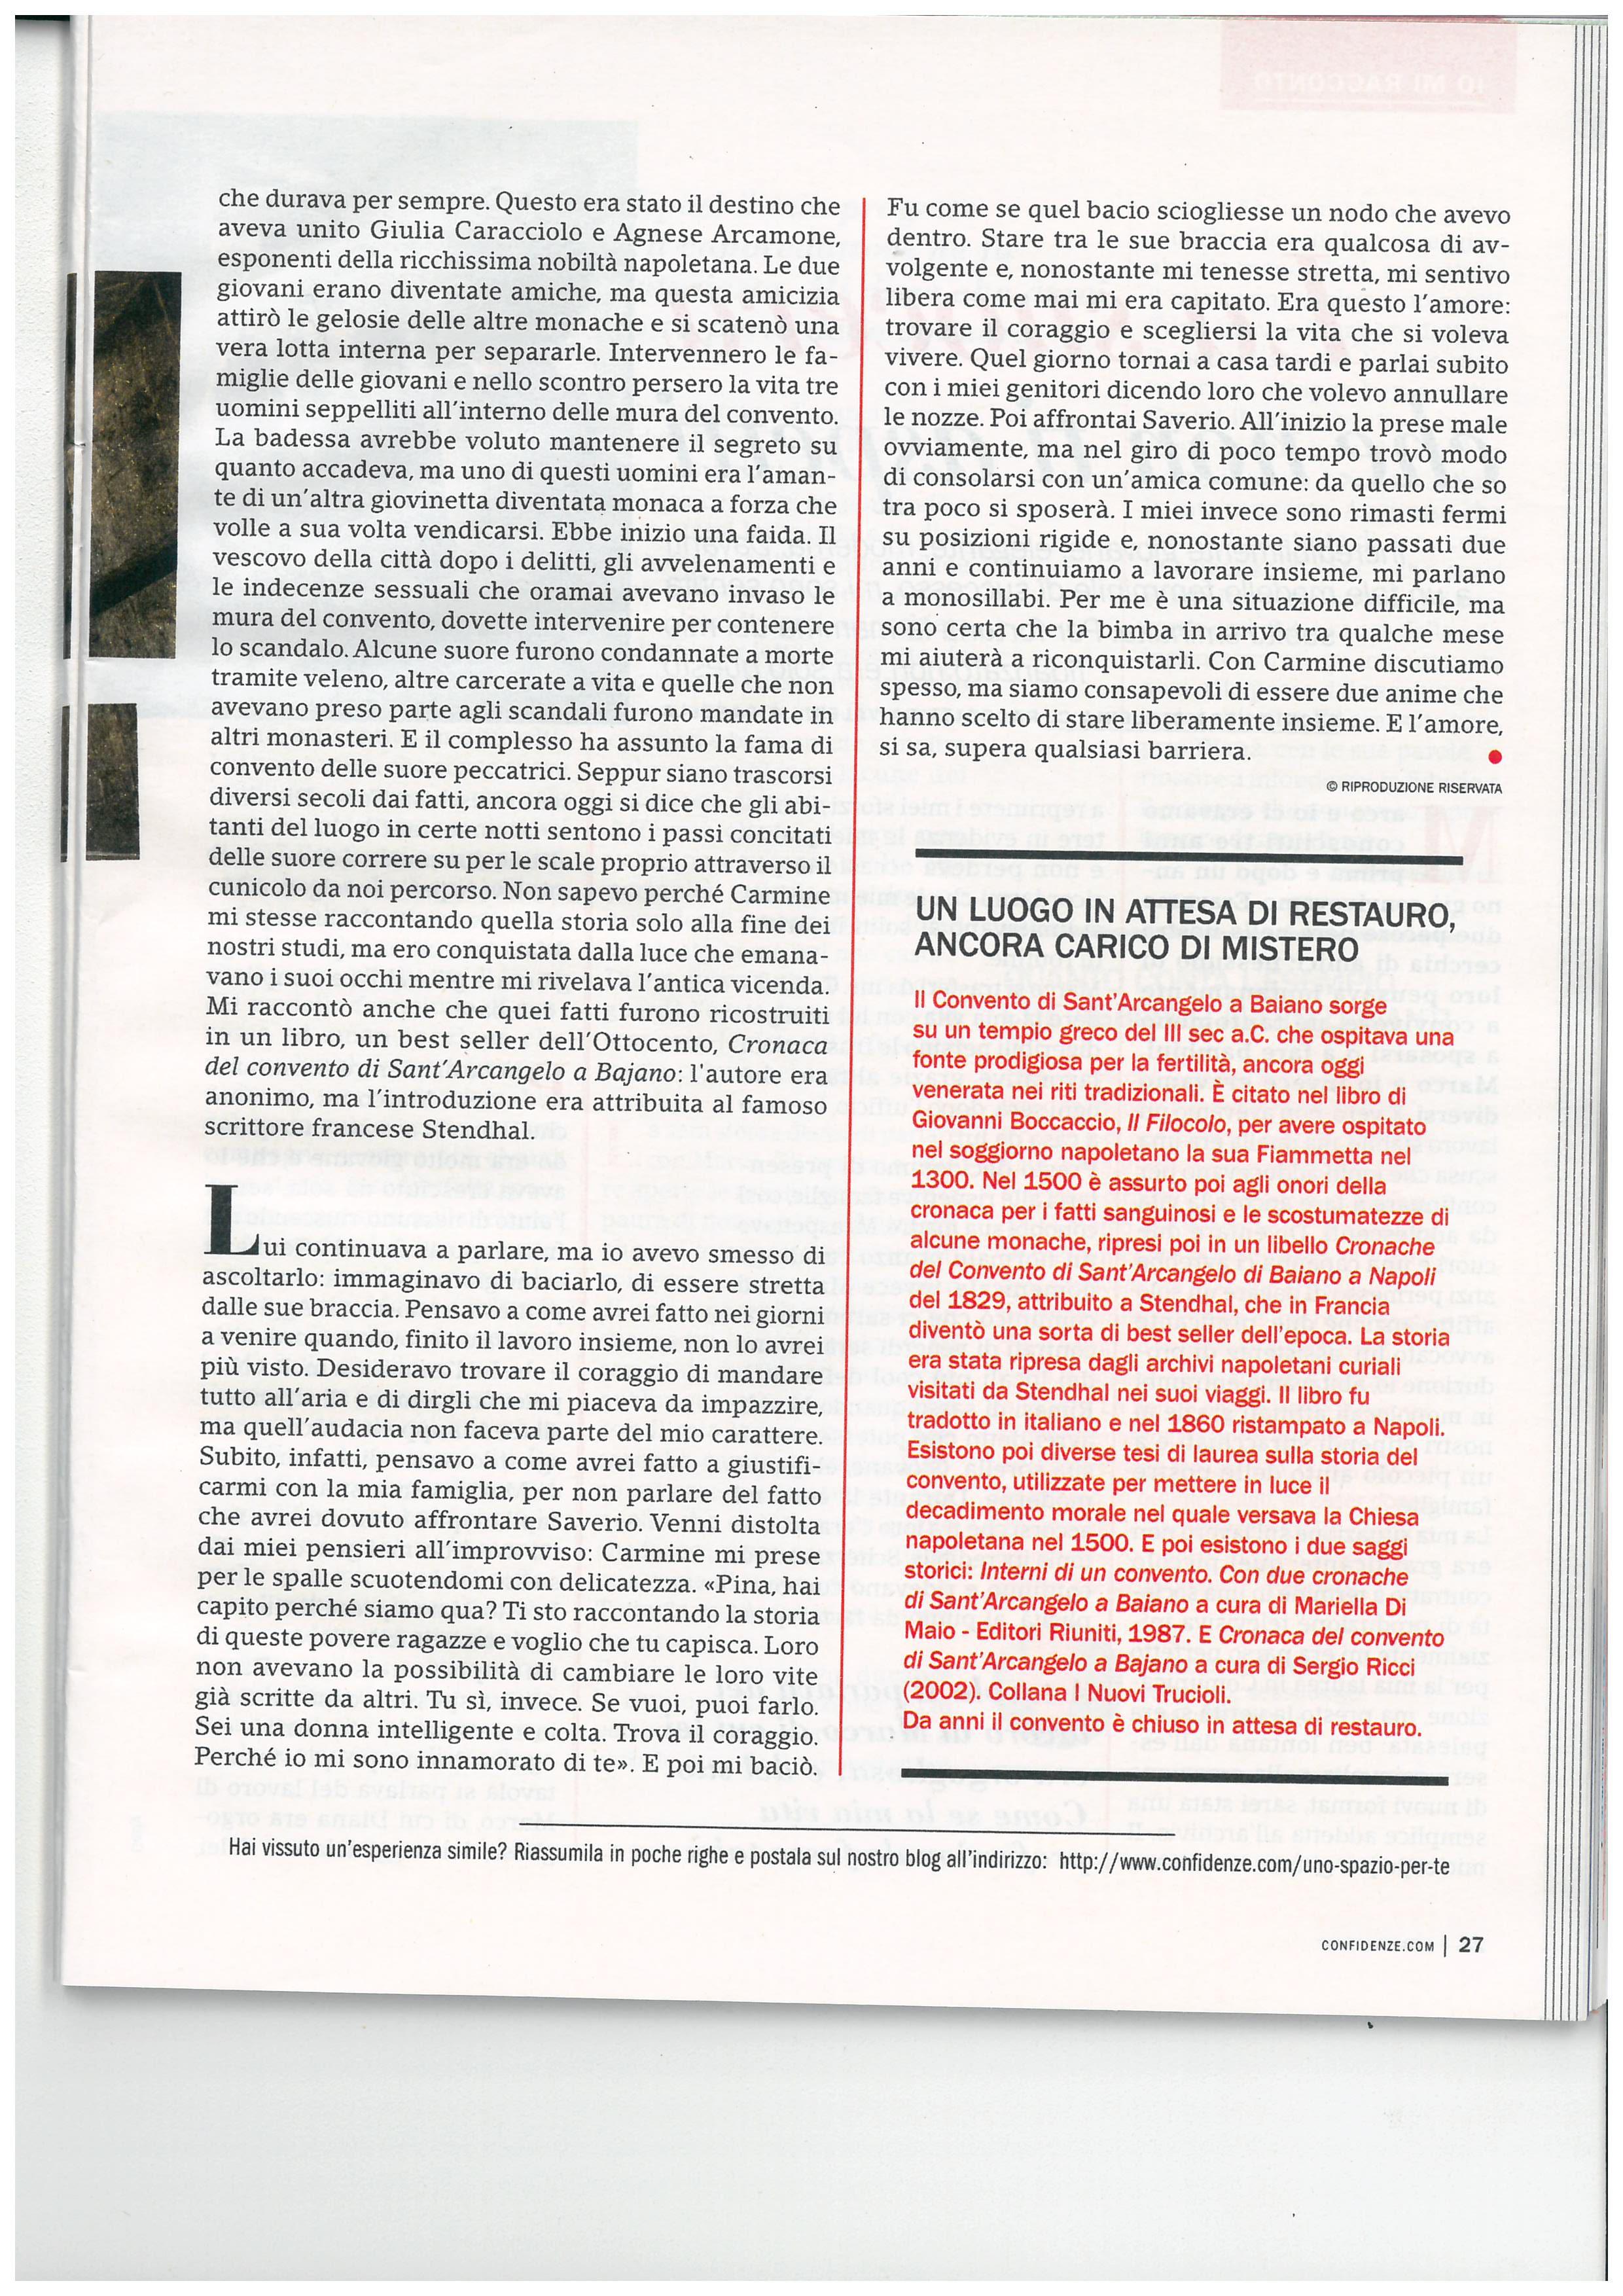 Storia di Pina - Il Convento - Gugno 2018_Pagina_4